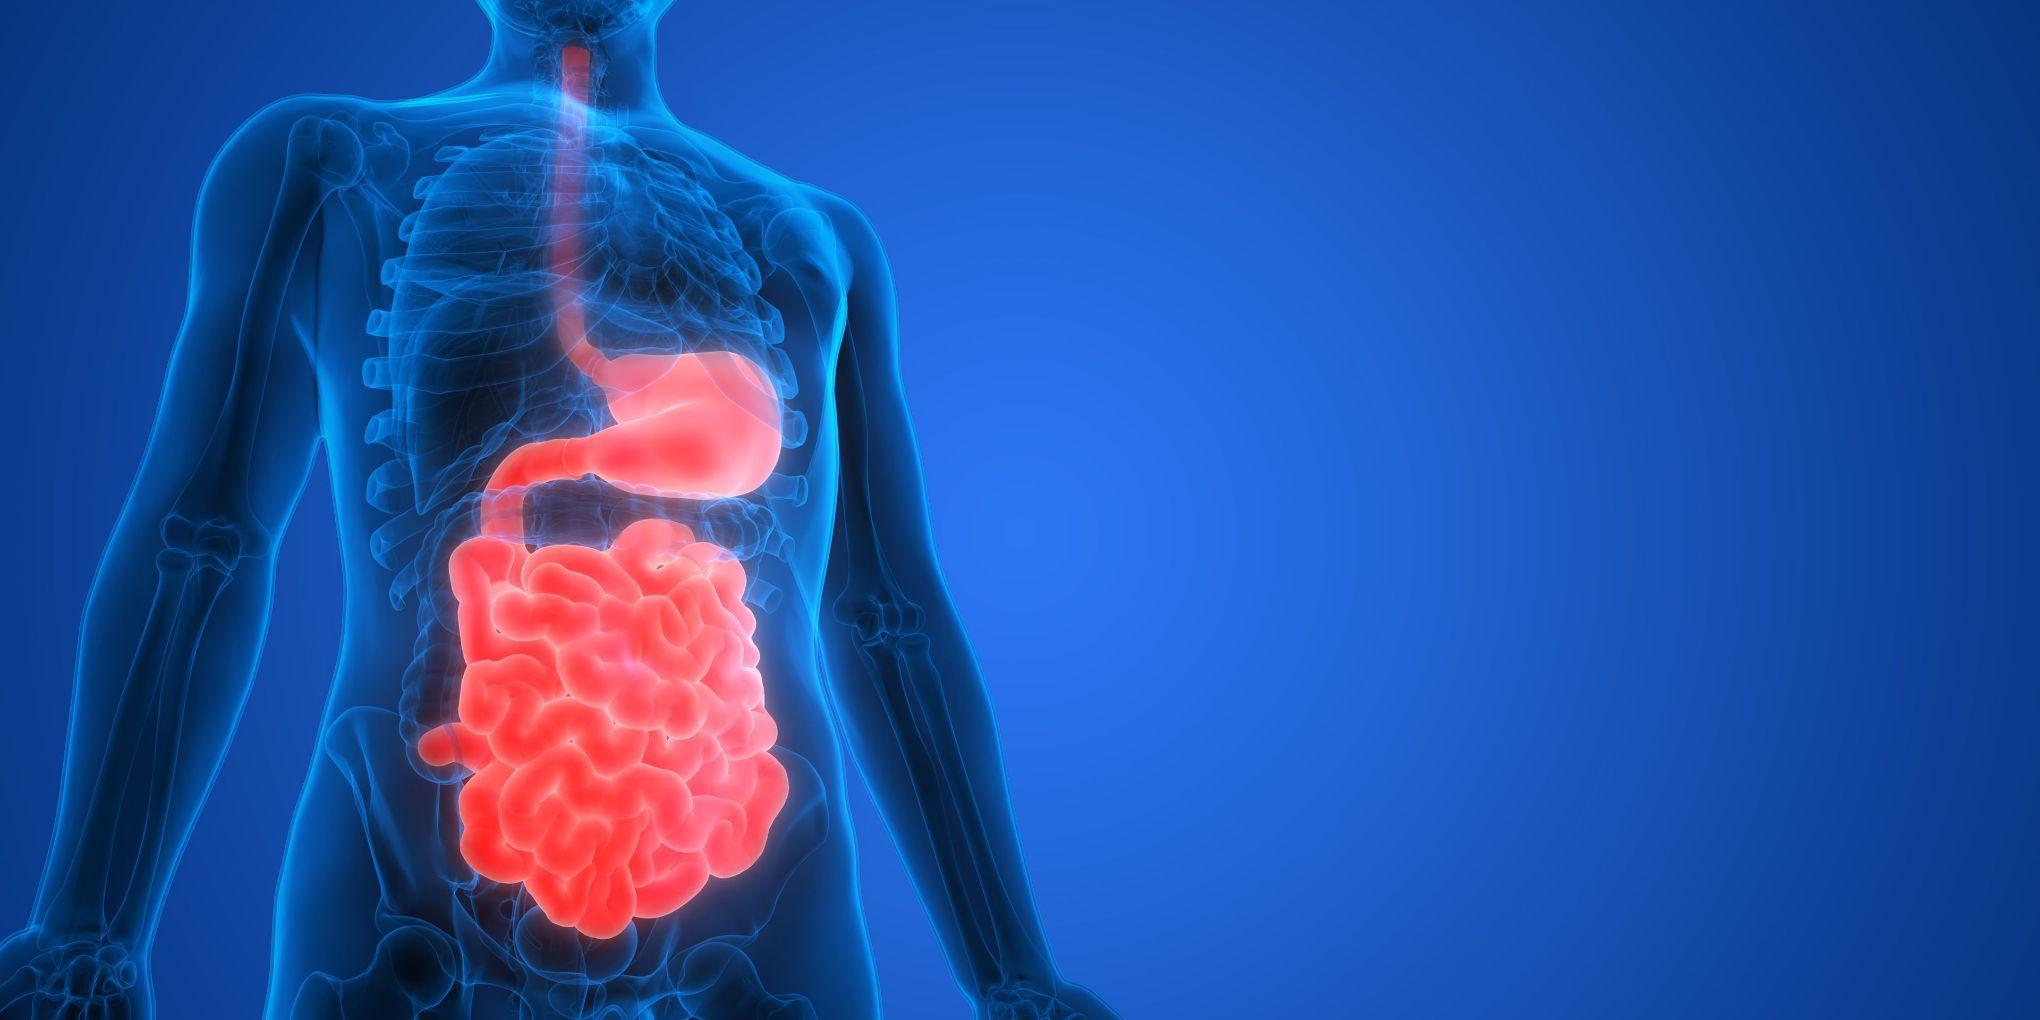 zato je razlog zašto tuga kolitis epistaksa s hipertenzija uzroka